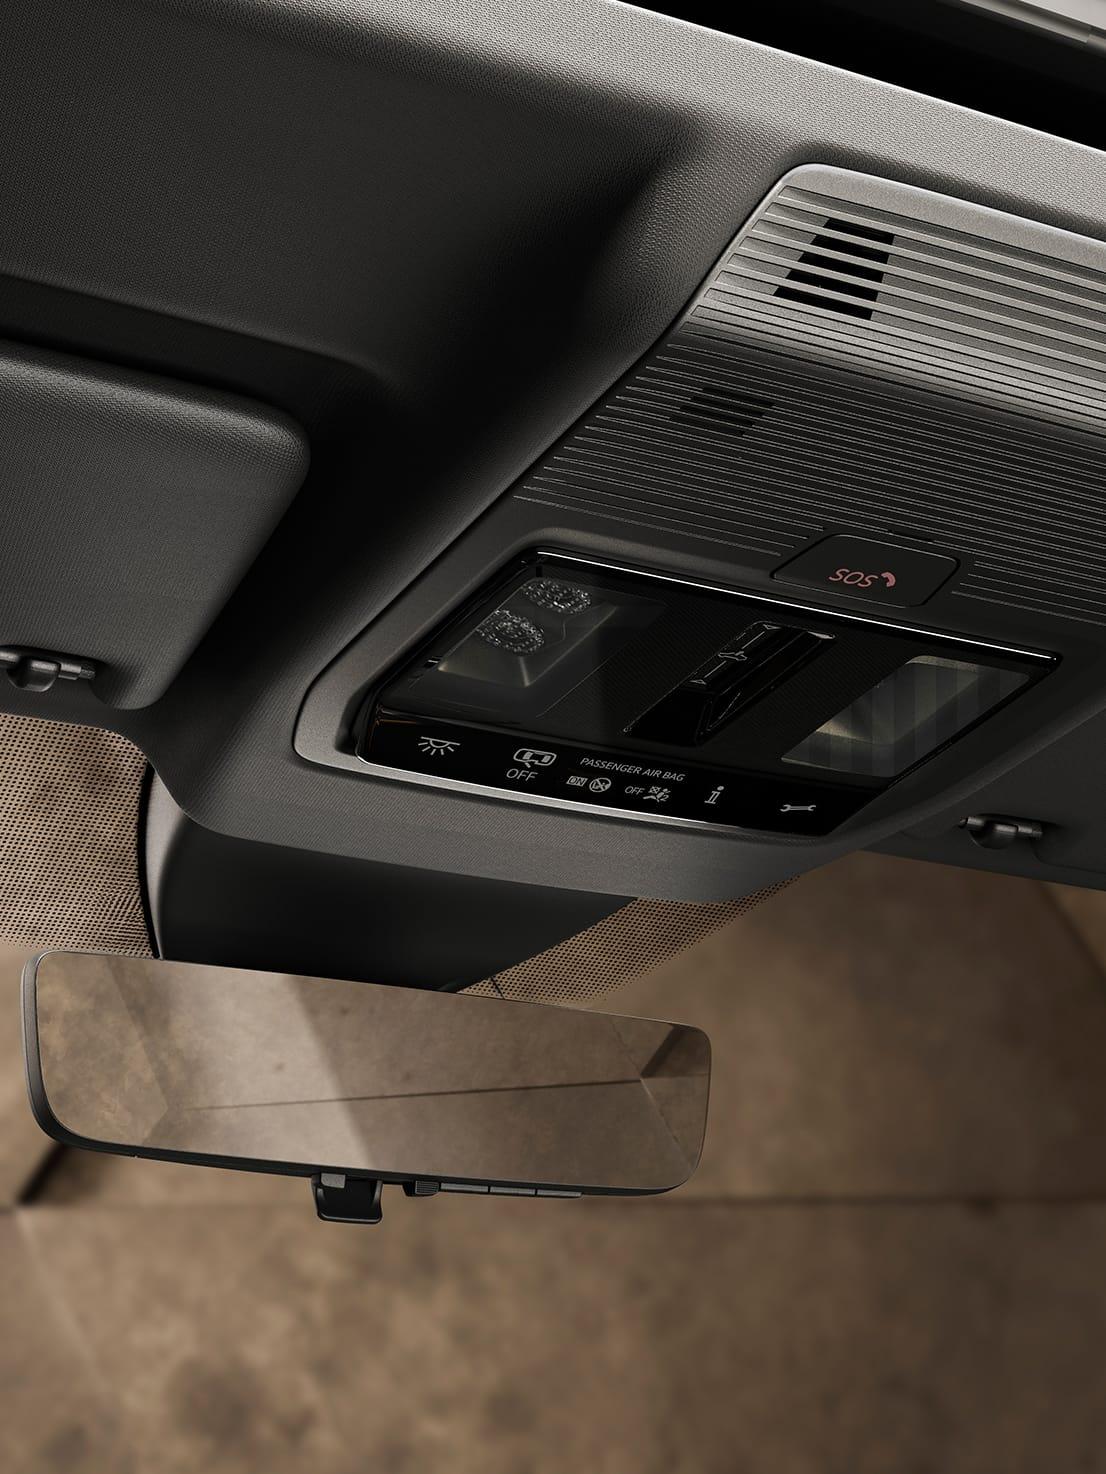 Neuer CUPRA Leon eHybrid Fünftürer Kompaktsportwagen mit Notruffunktion